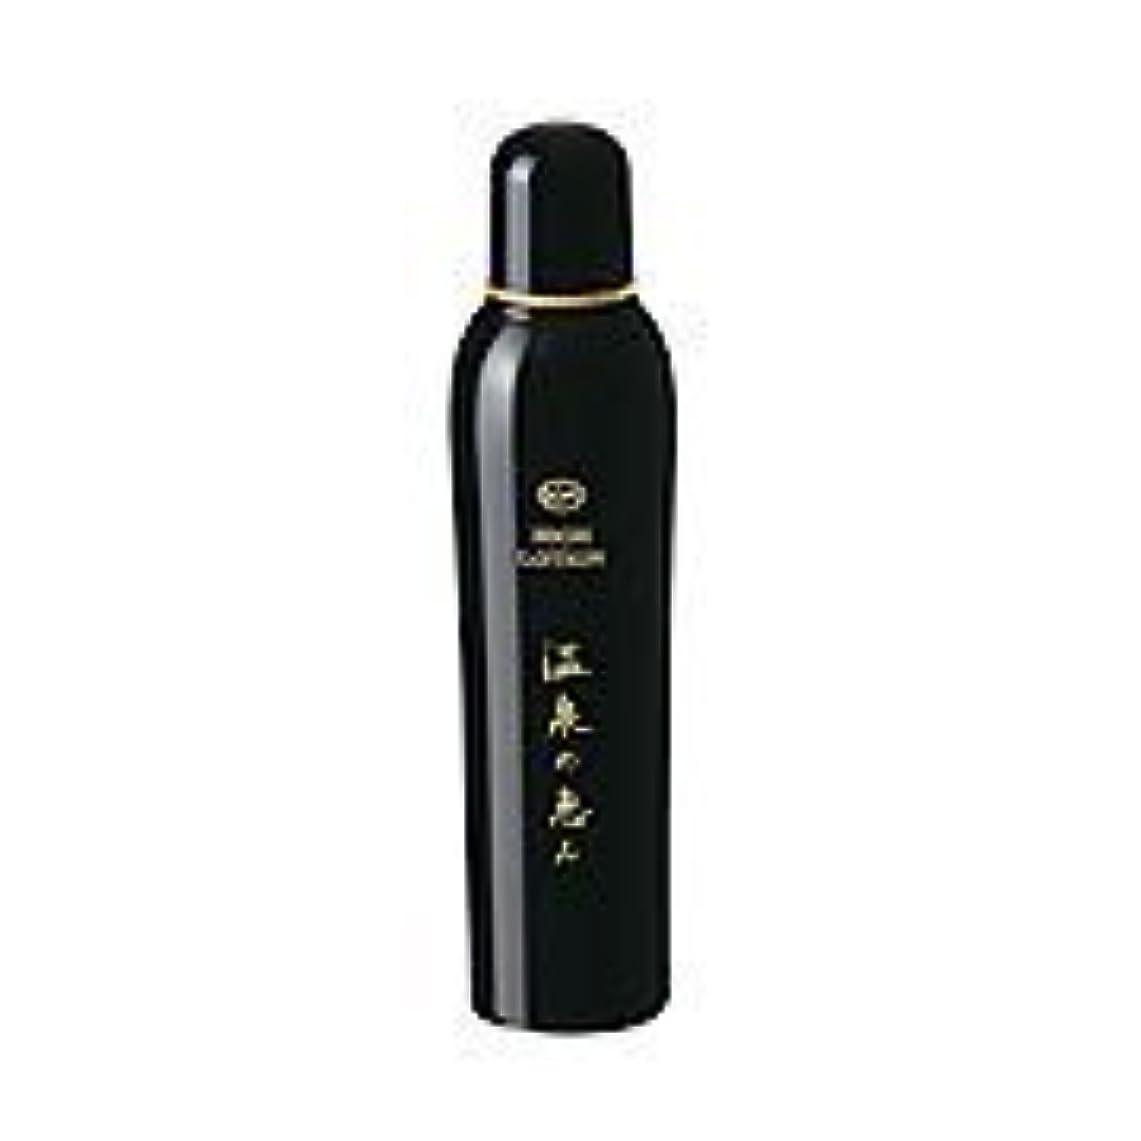 ボタンプラグアクティブイオン化粧品 ハイローション 165ml